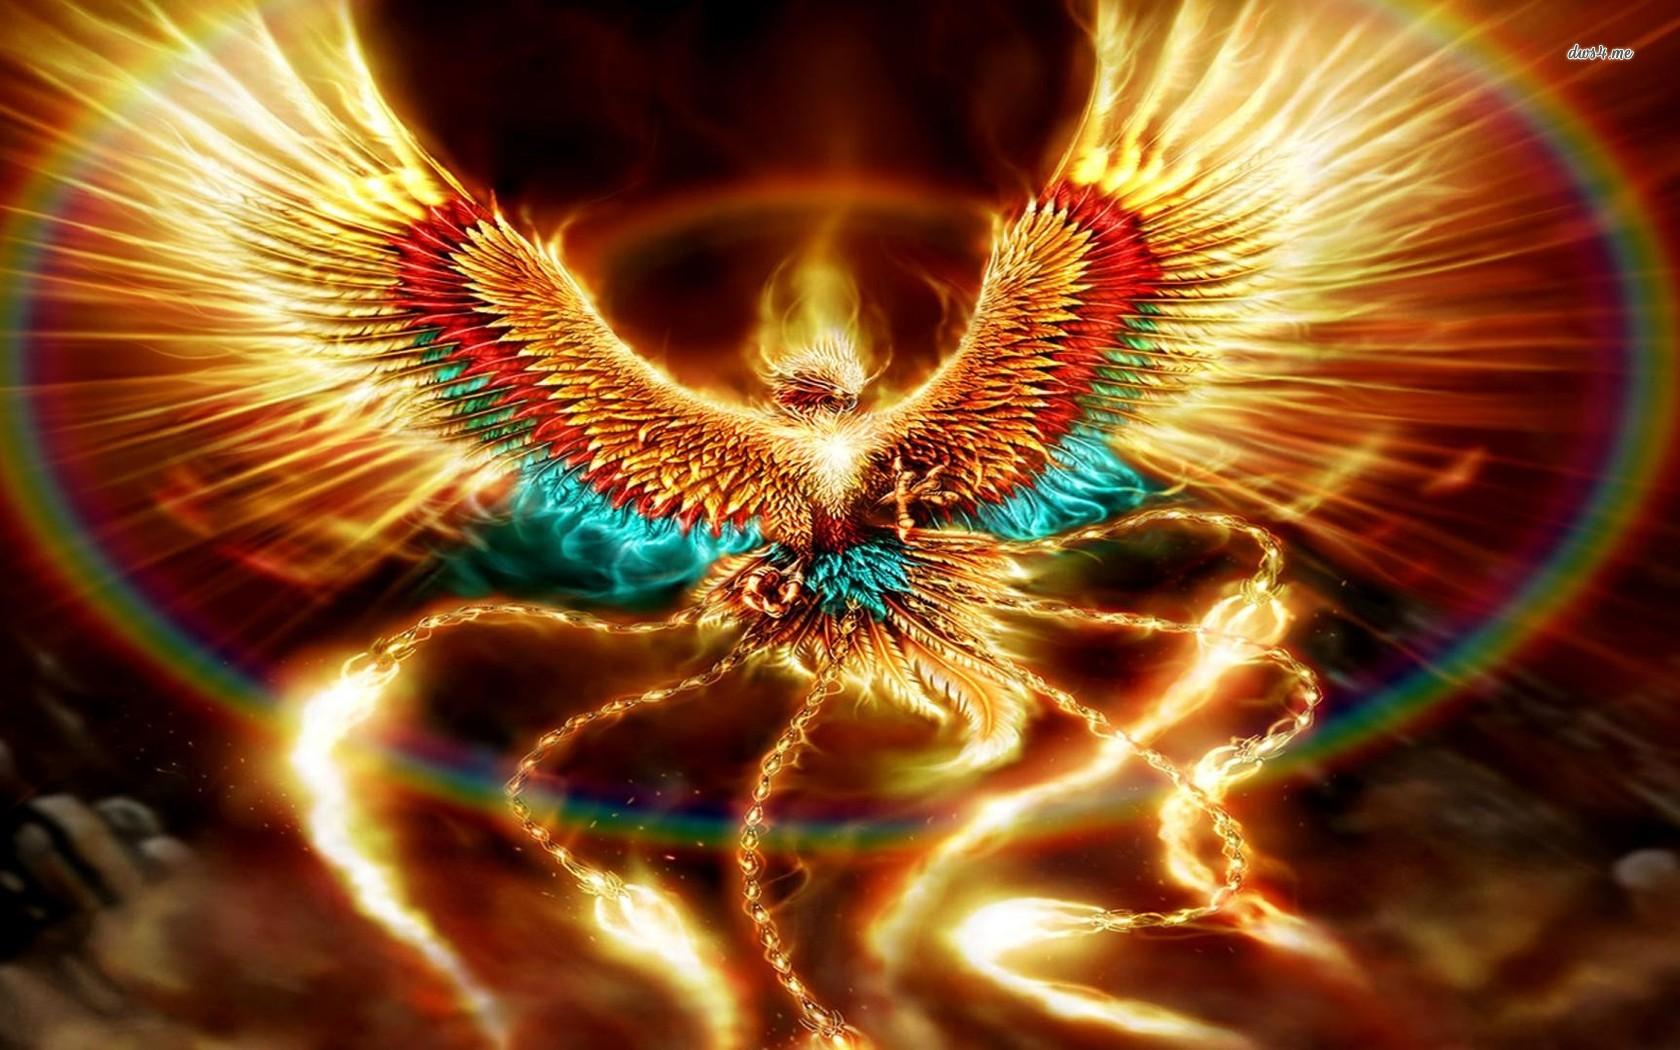 Fantasy Phoenix Wallpaper 37 Background Wallpaper   Hivewallpapercom 1680x1050